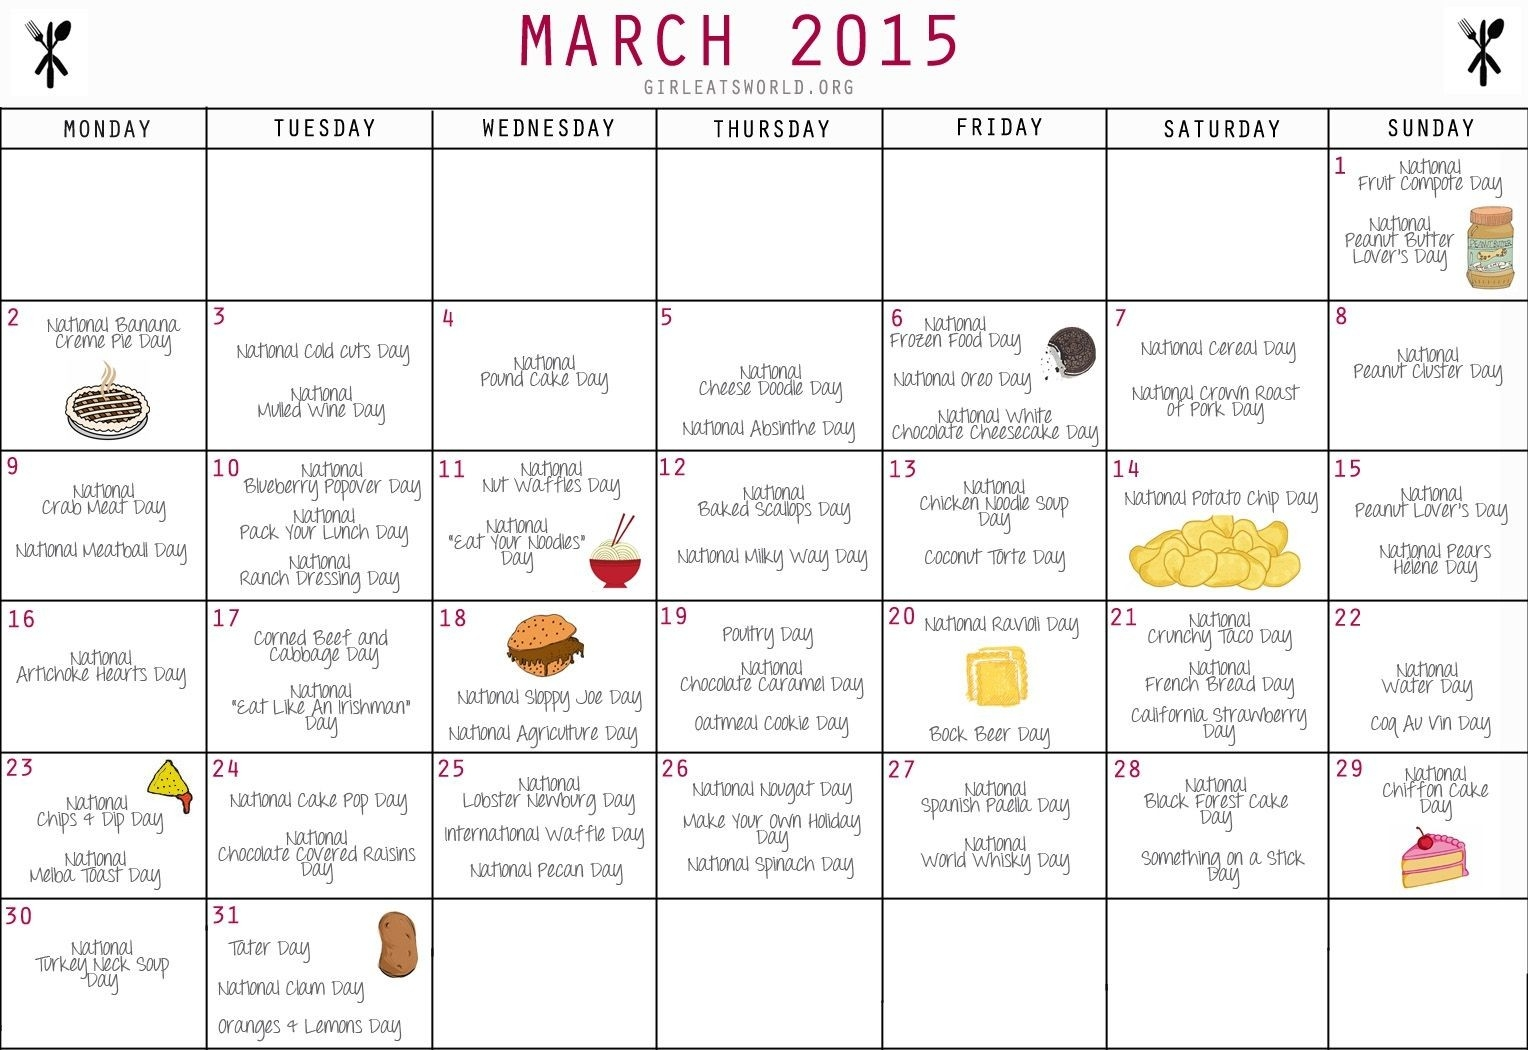 National Food Day Calendar Printable Printable Calendar 2018-2020 Calendar With National Food Holidays Printable